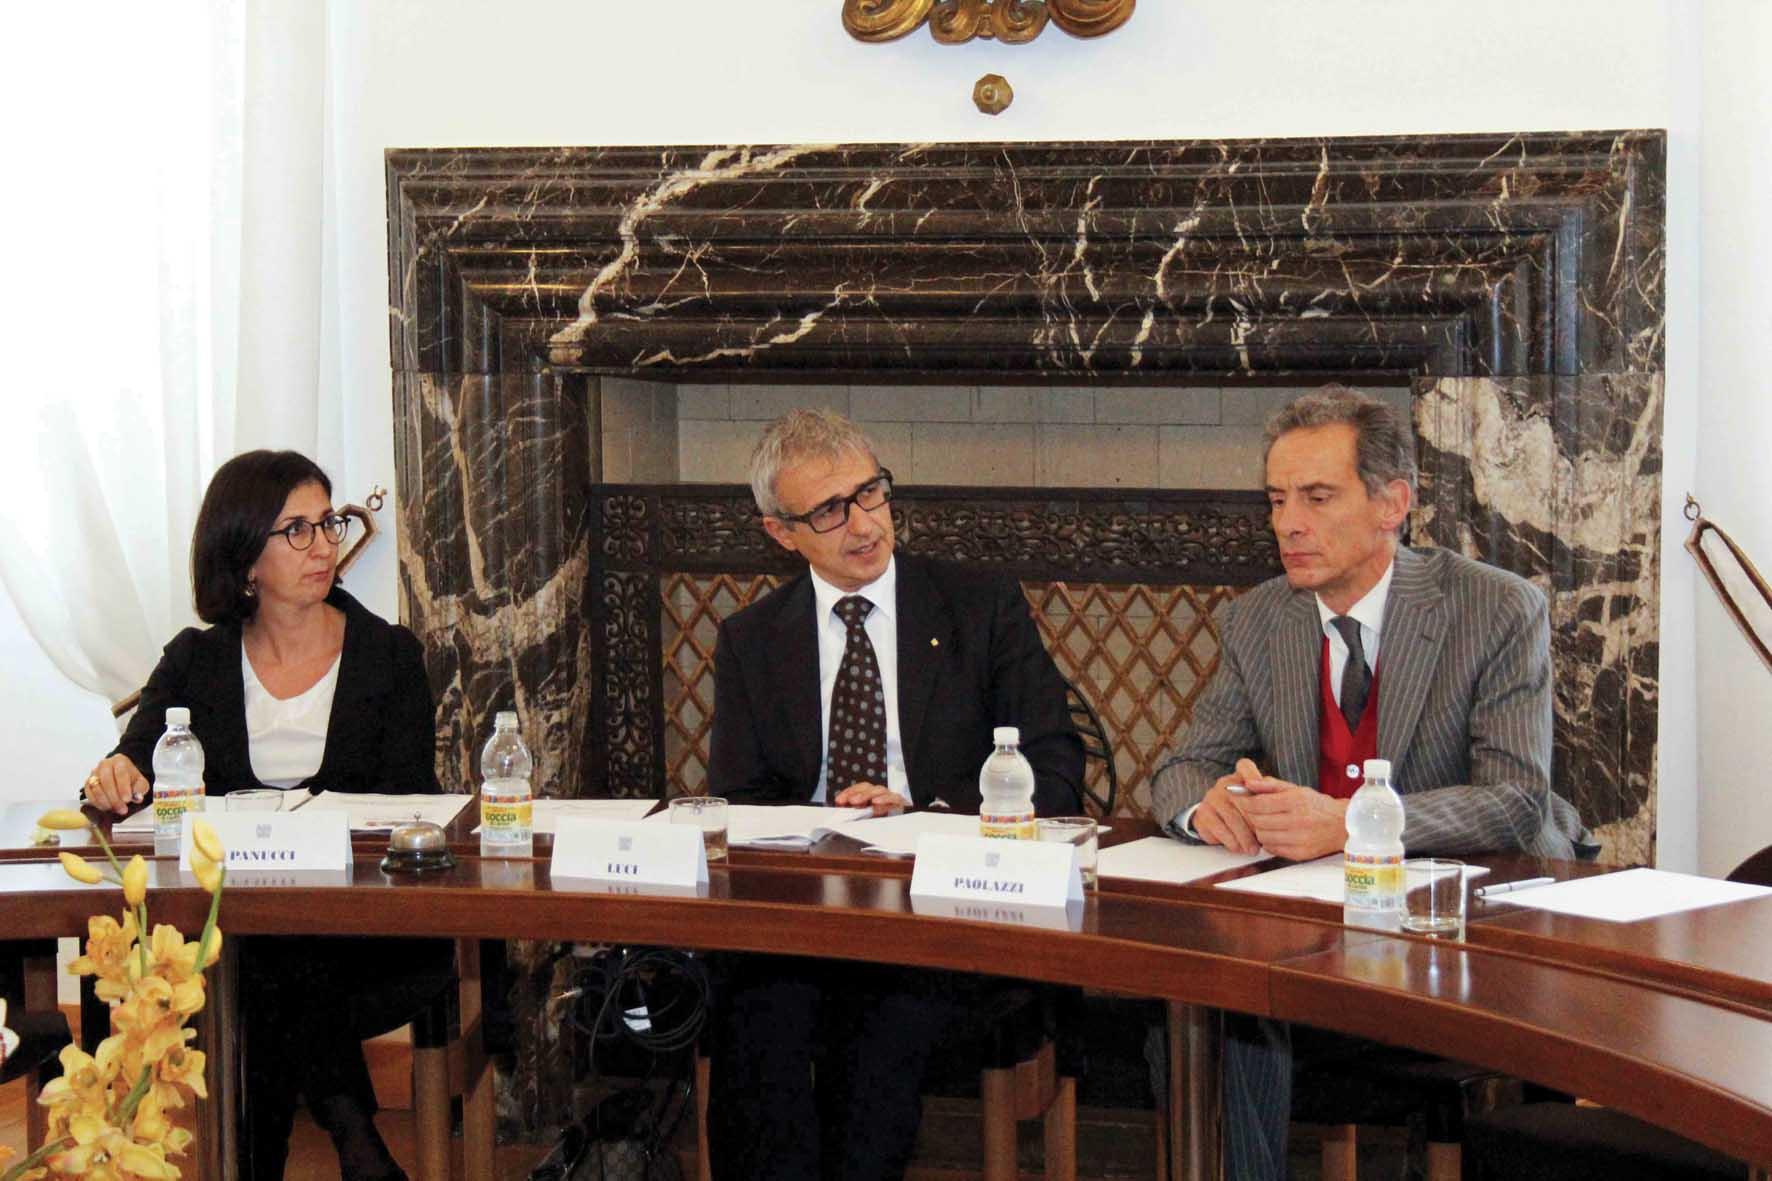 Confindustria Udine Marcella Panucci DG confindustria Adriano Luci e Luca Paolazzi Uff st Confindustria 1